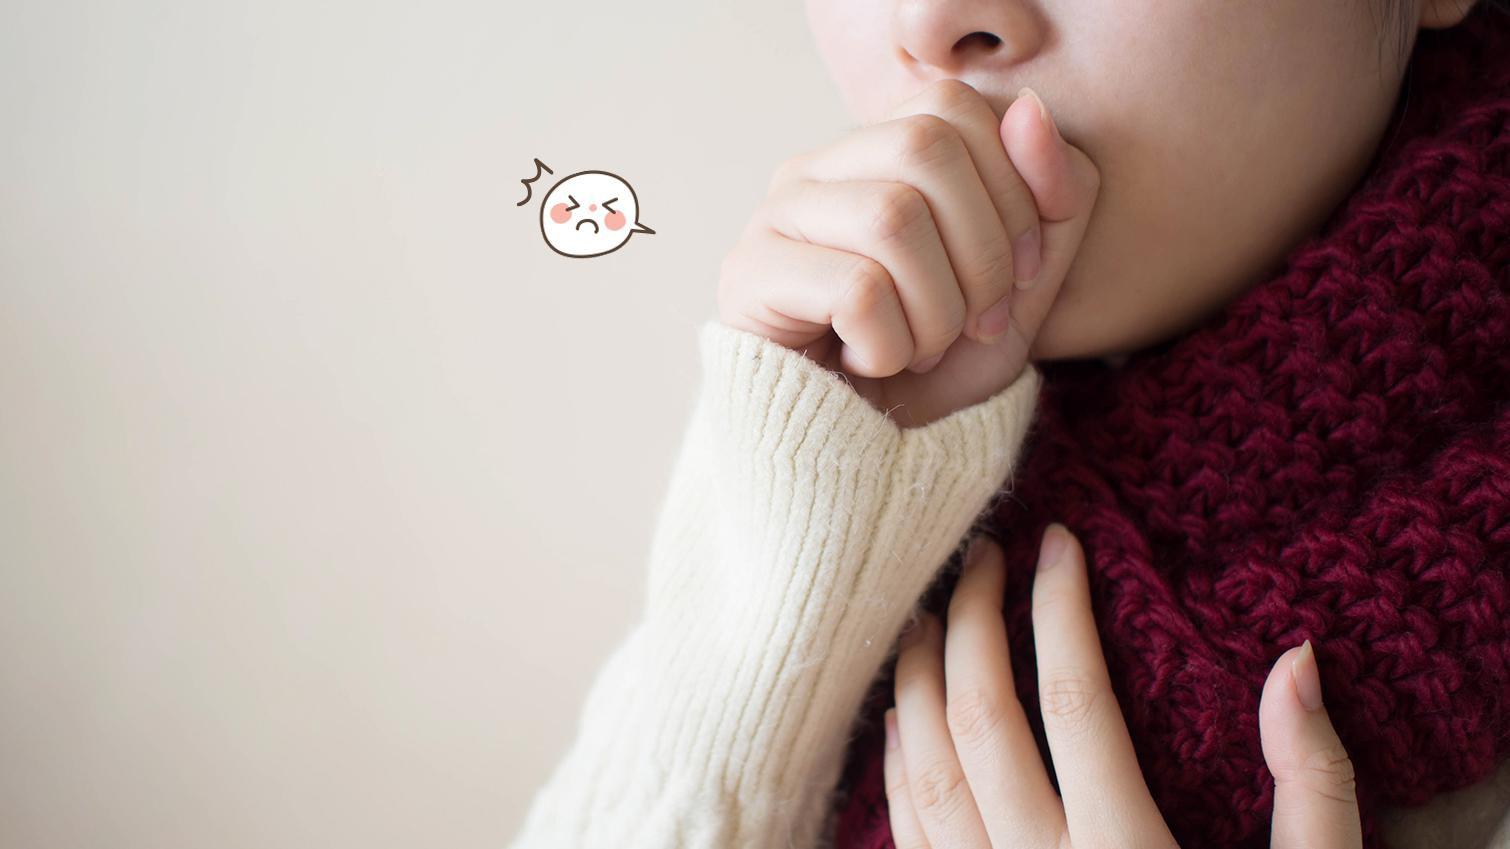 Cegah Penularan Flu dan Batuk dengan 7 Cara Ini | Berbagi Tips ...